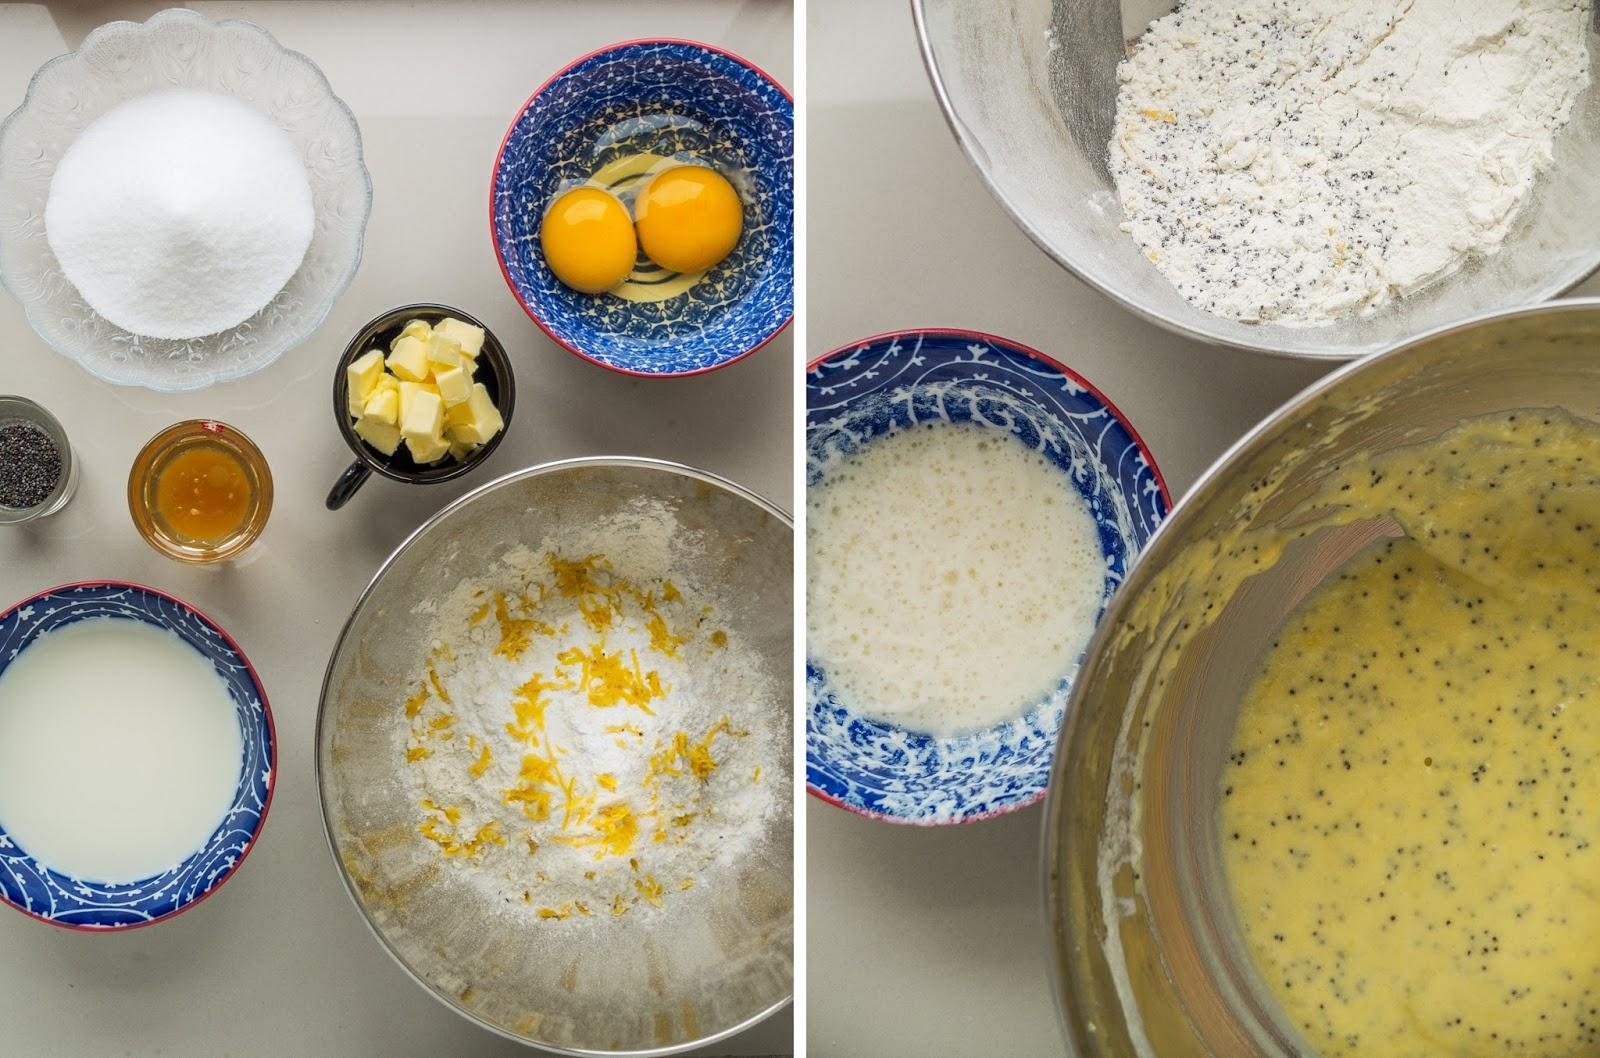 Ingredients and making of lemon cupcake batter.